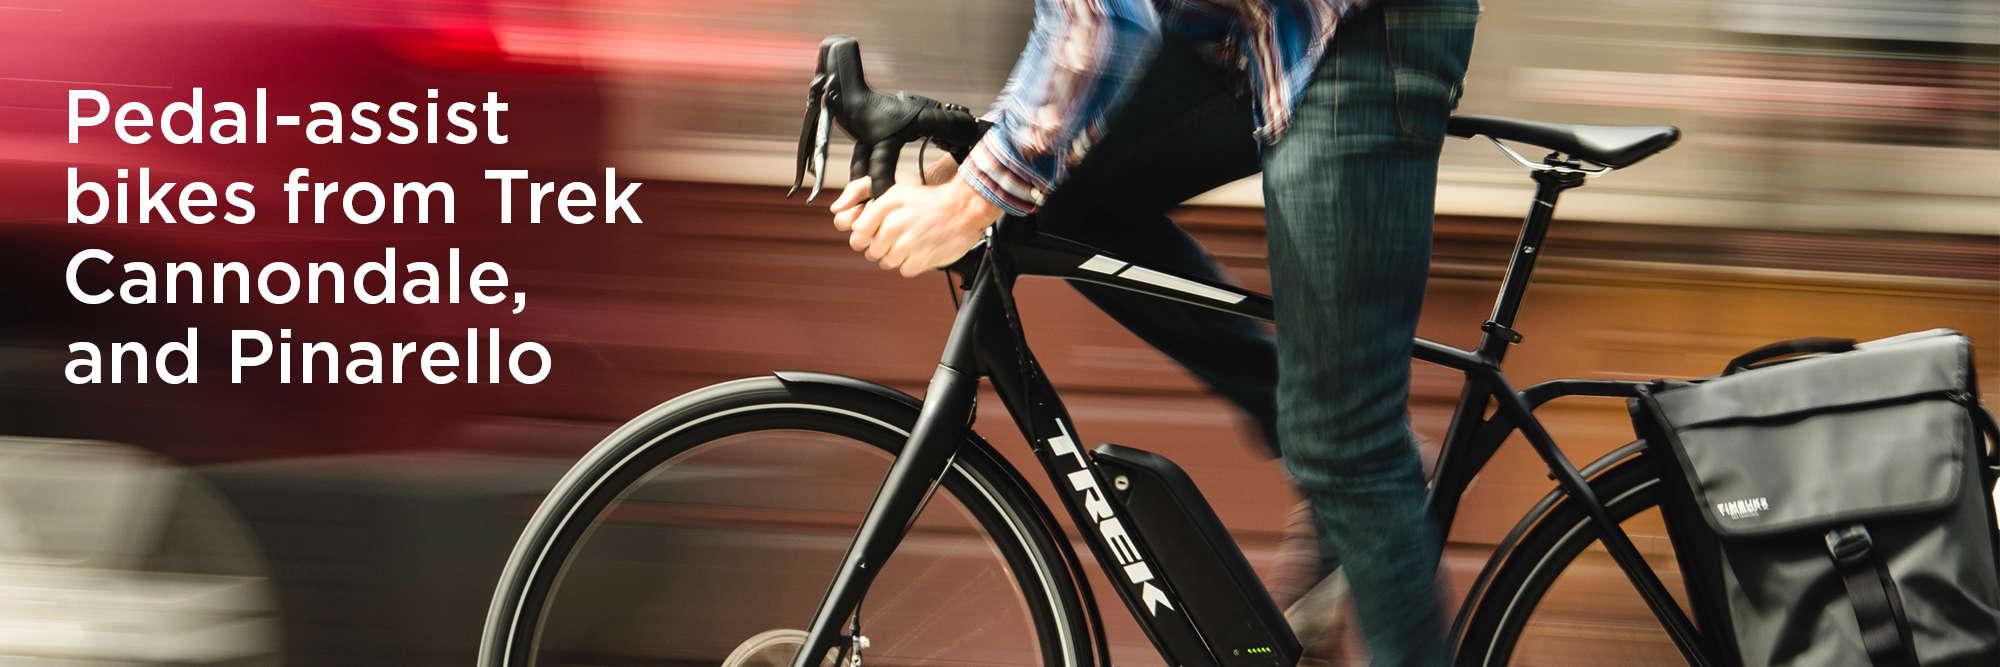 e-bikes from Trek, Cannondale and Pinarello